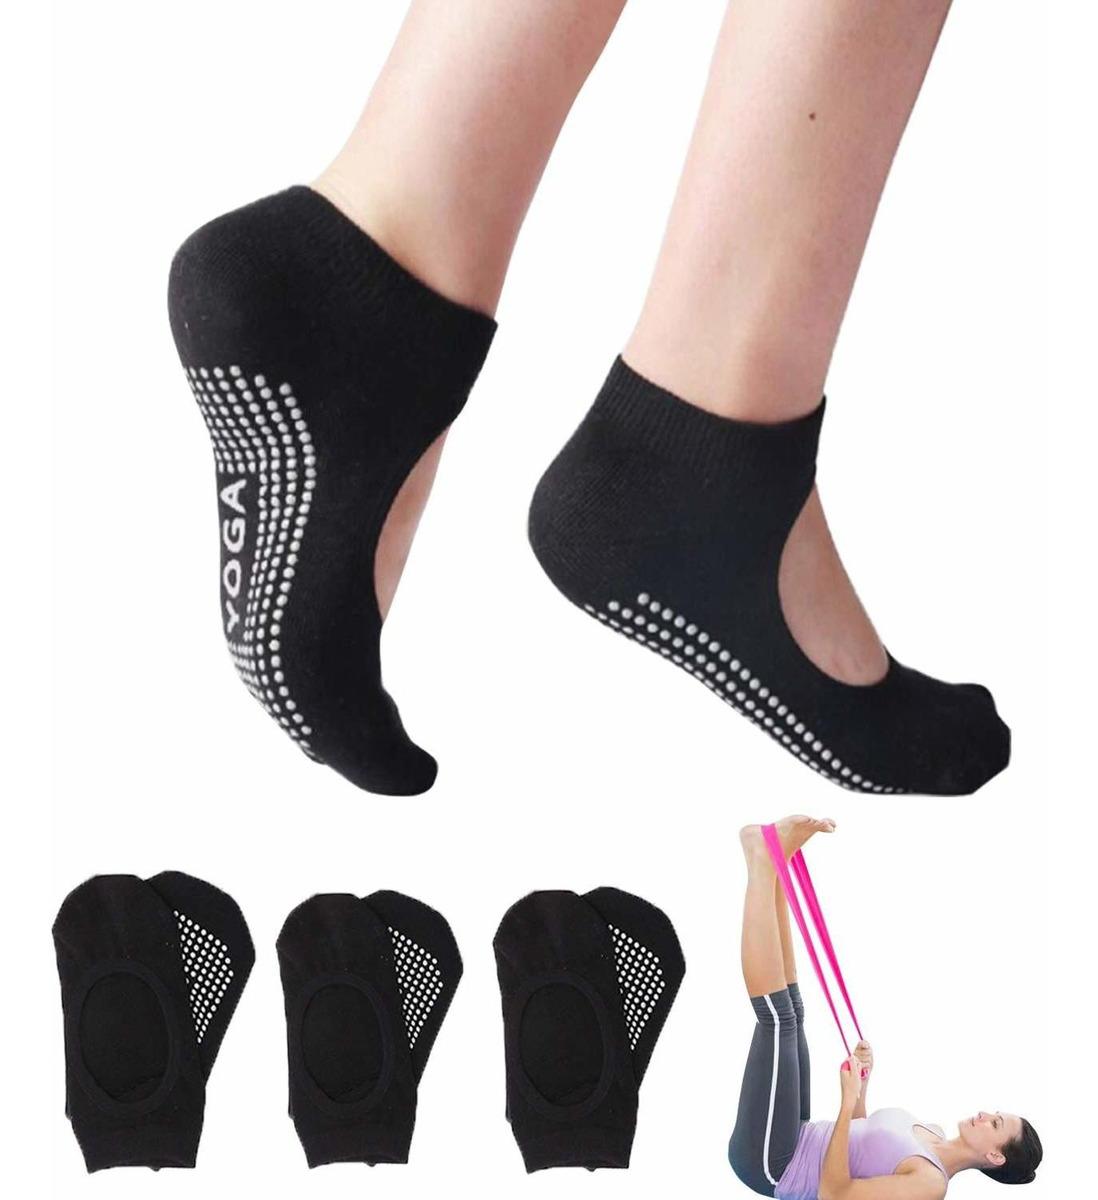 patrones de moda Cantidad limitada mitad de descuento 3 Pares De Calcetines Antideslizantes Para Mujer Con Band